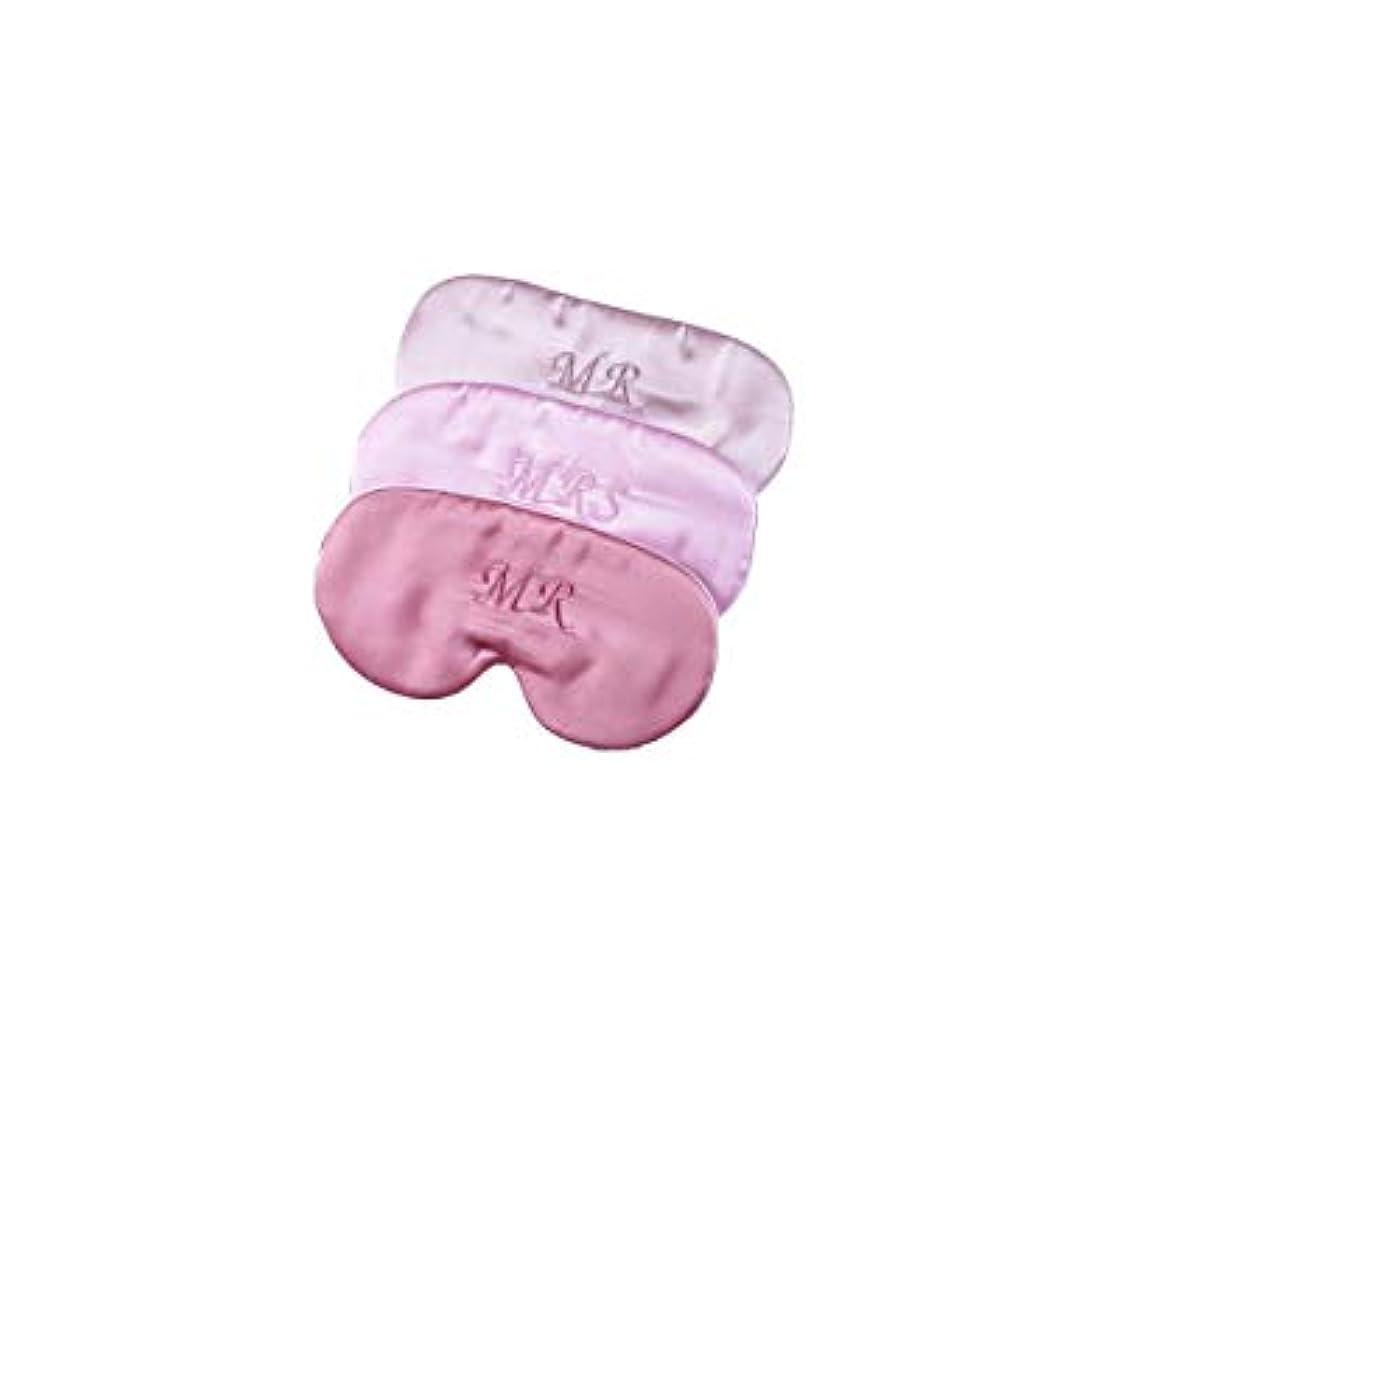 奨励陪審小説シルクゴーグル調節可能、100%シルク、イヤホン収納バッグギフトボックス4セットの刺繍モデル日よけ女性、通気性、快適、いびきアーチファクト (Color : Pink)